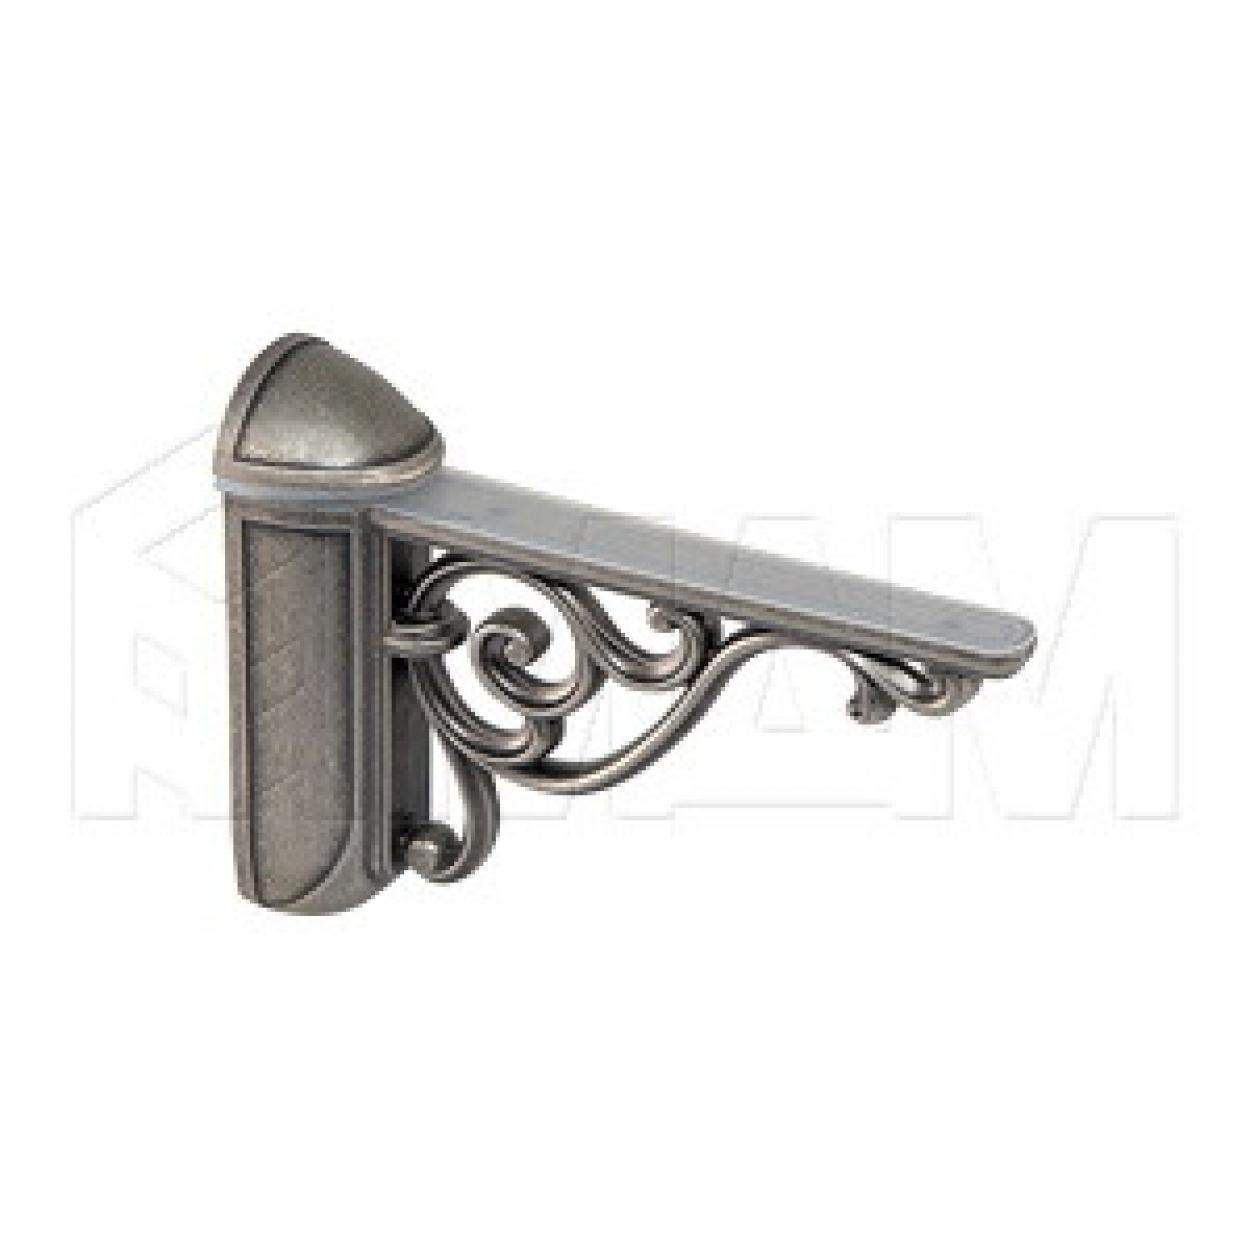 VENICE Менсолодержатель для деревянных и стеклянных полок 4 - 40 мм, L-125 мм, серебро состаренное